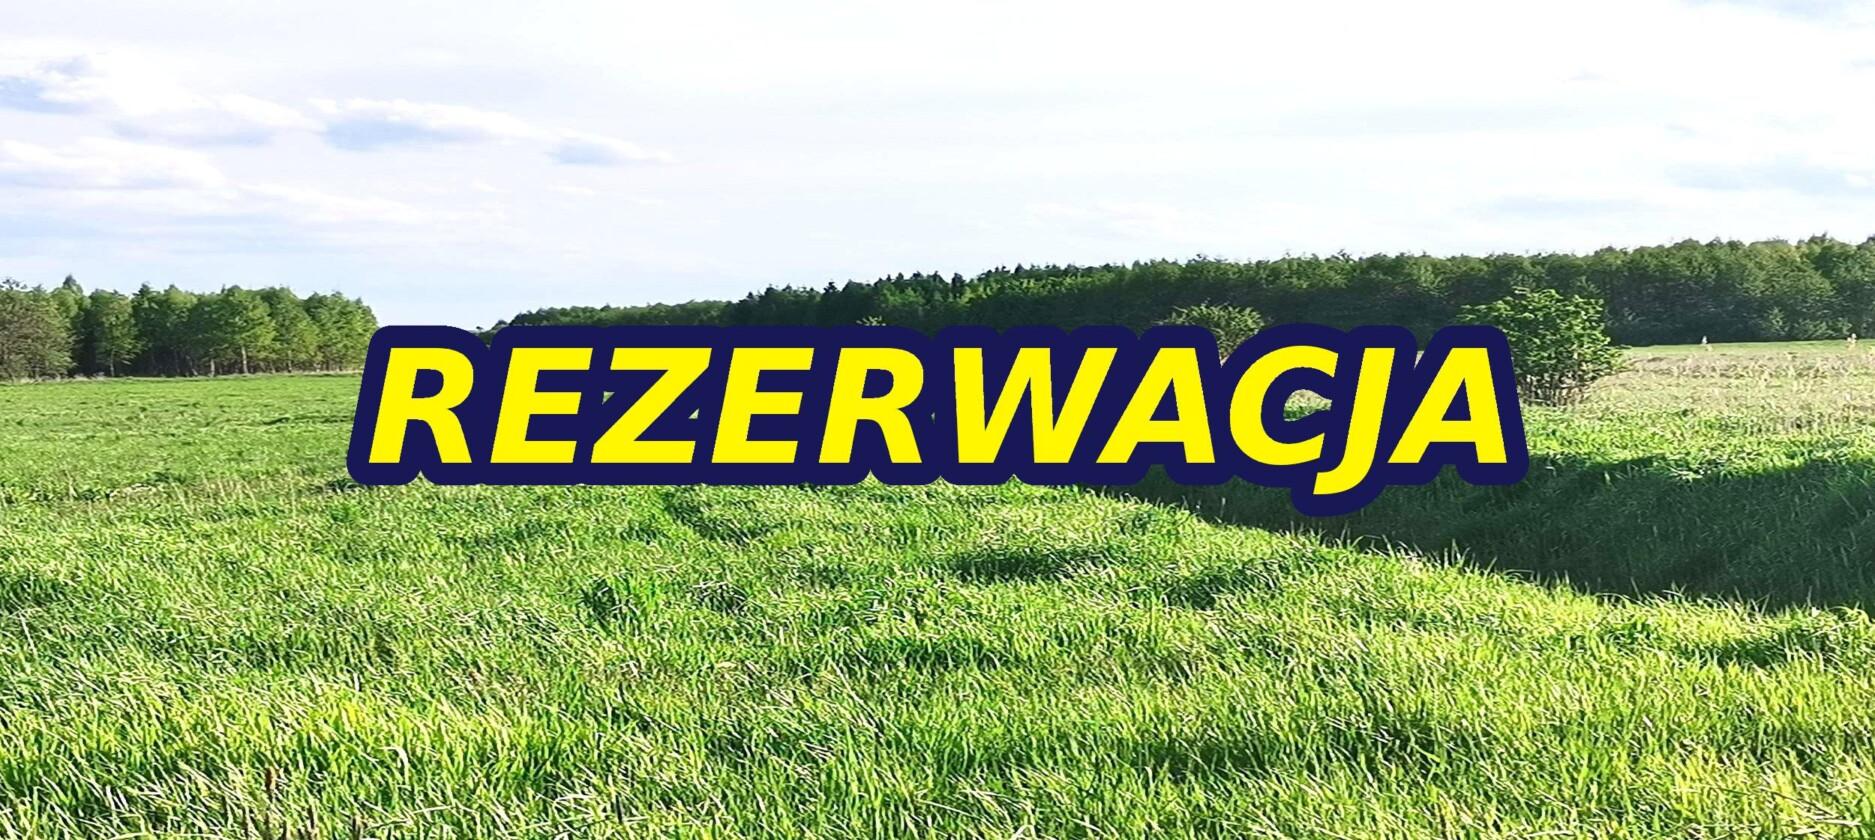 ŁĄKA REZERWACJA - Nieruchomości Krzysztof Górski Zamość, biuro nieruchomości, domy, mieszkania, działki, lokale, sprzedaż nieruchomości, wynajem nieruchomości